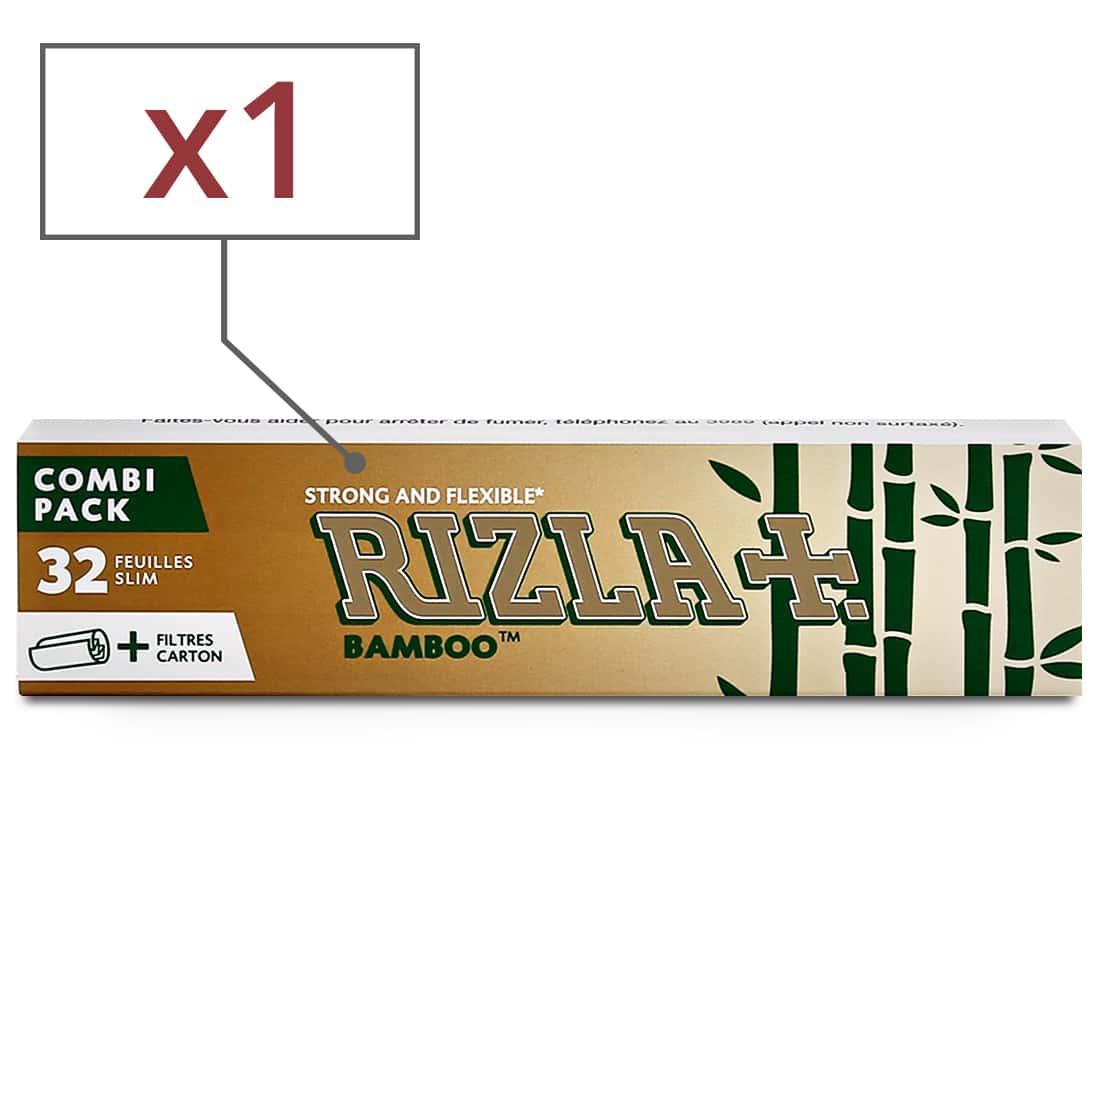 Photo de Papier à rouler Rizla + Bamboo Slim et Tips x 1